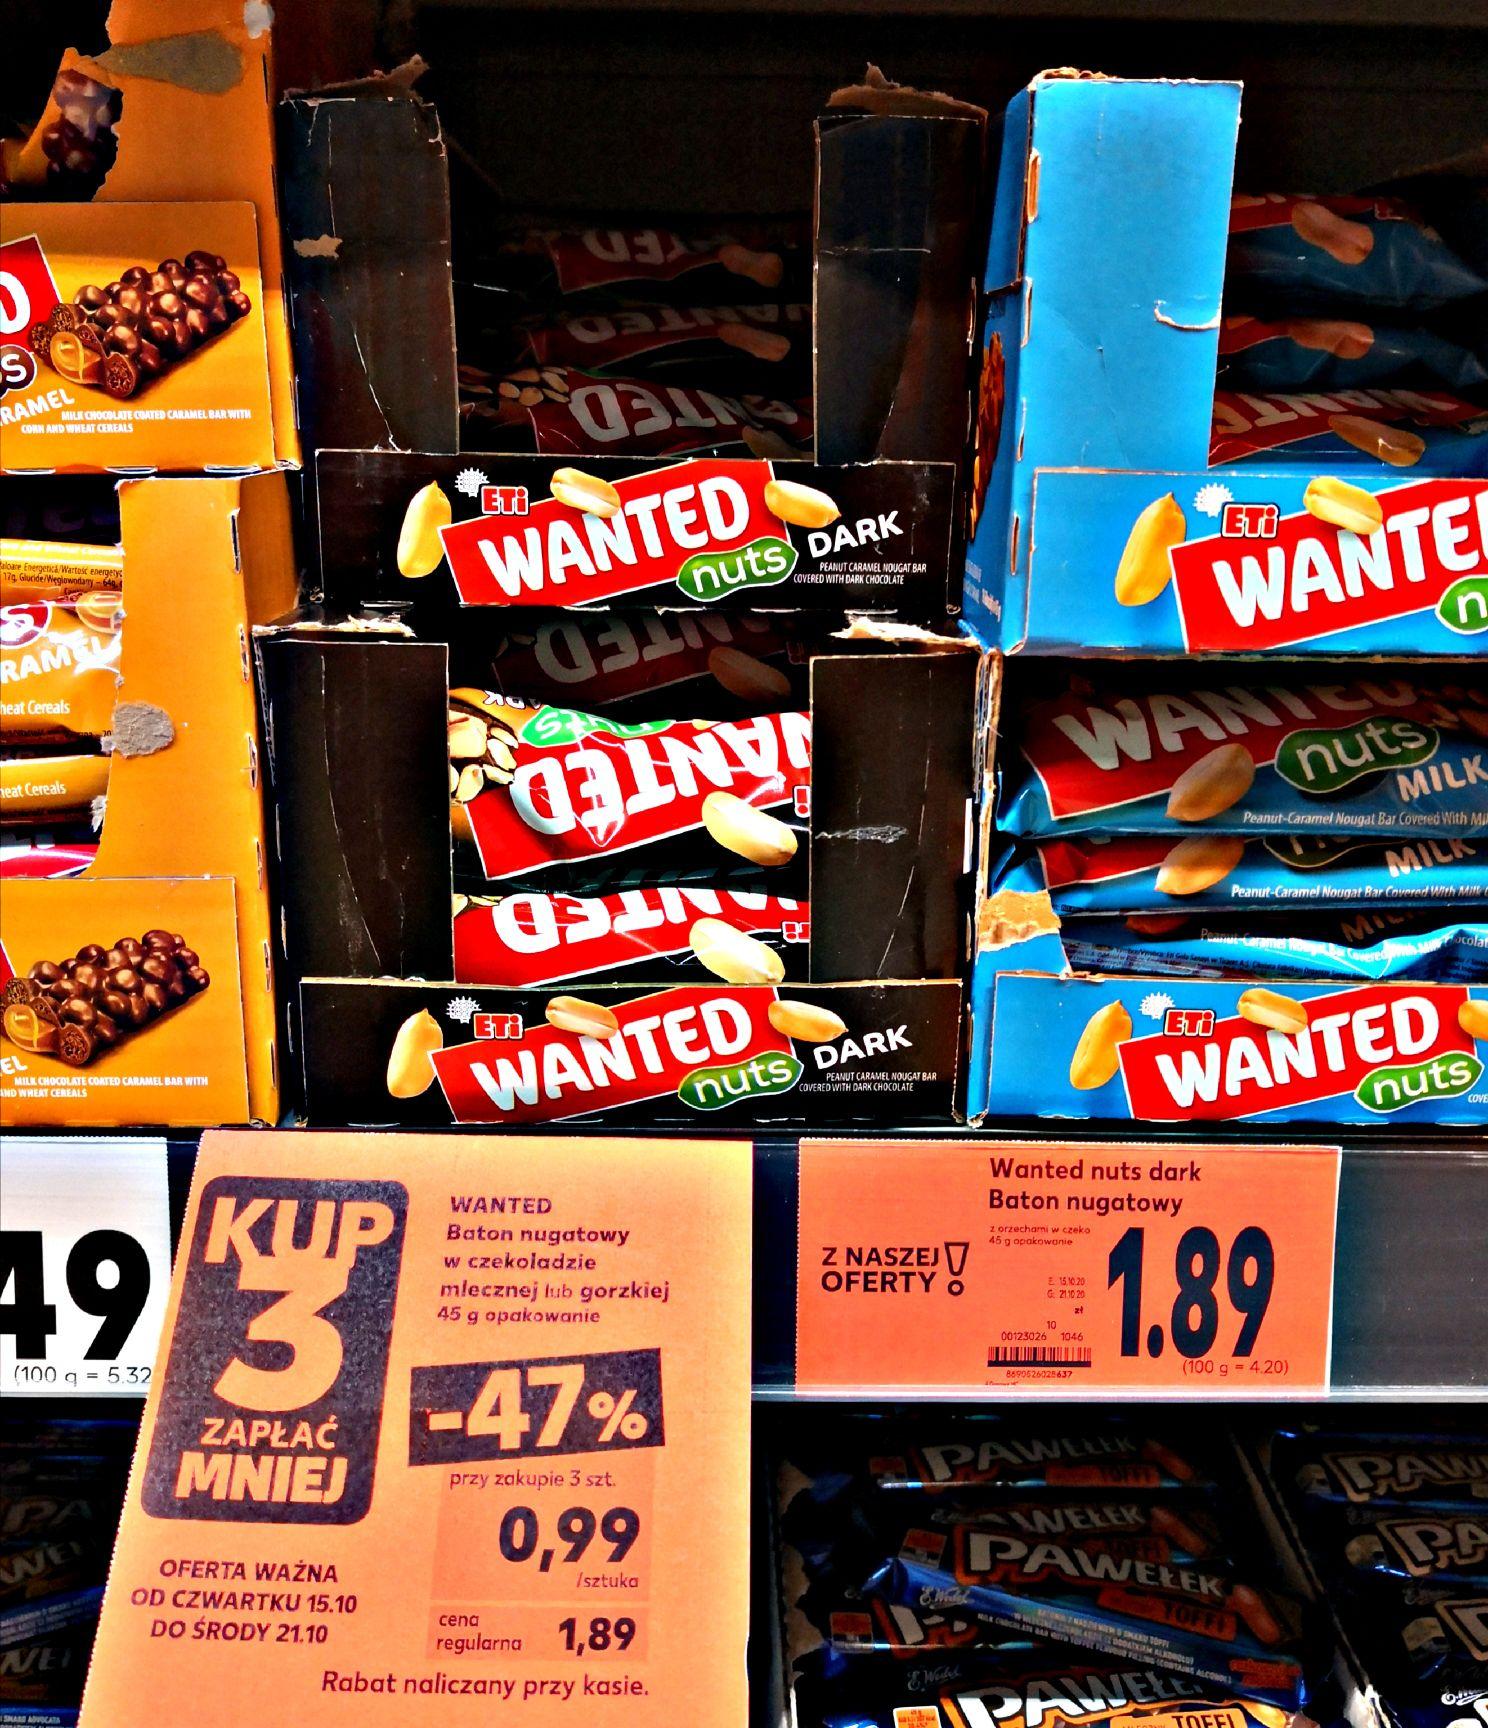 Baton Wanted w mlecznej lub gorzkiej czekoladzie @ Kaufland Słupsk